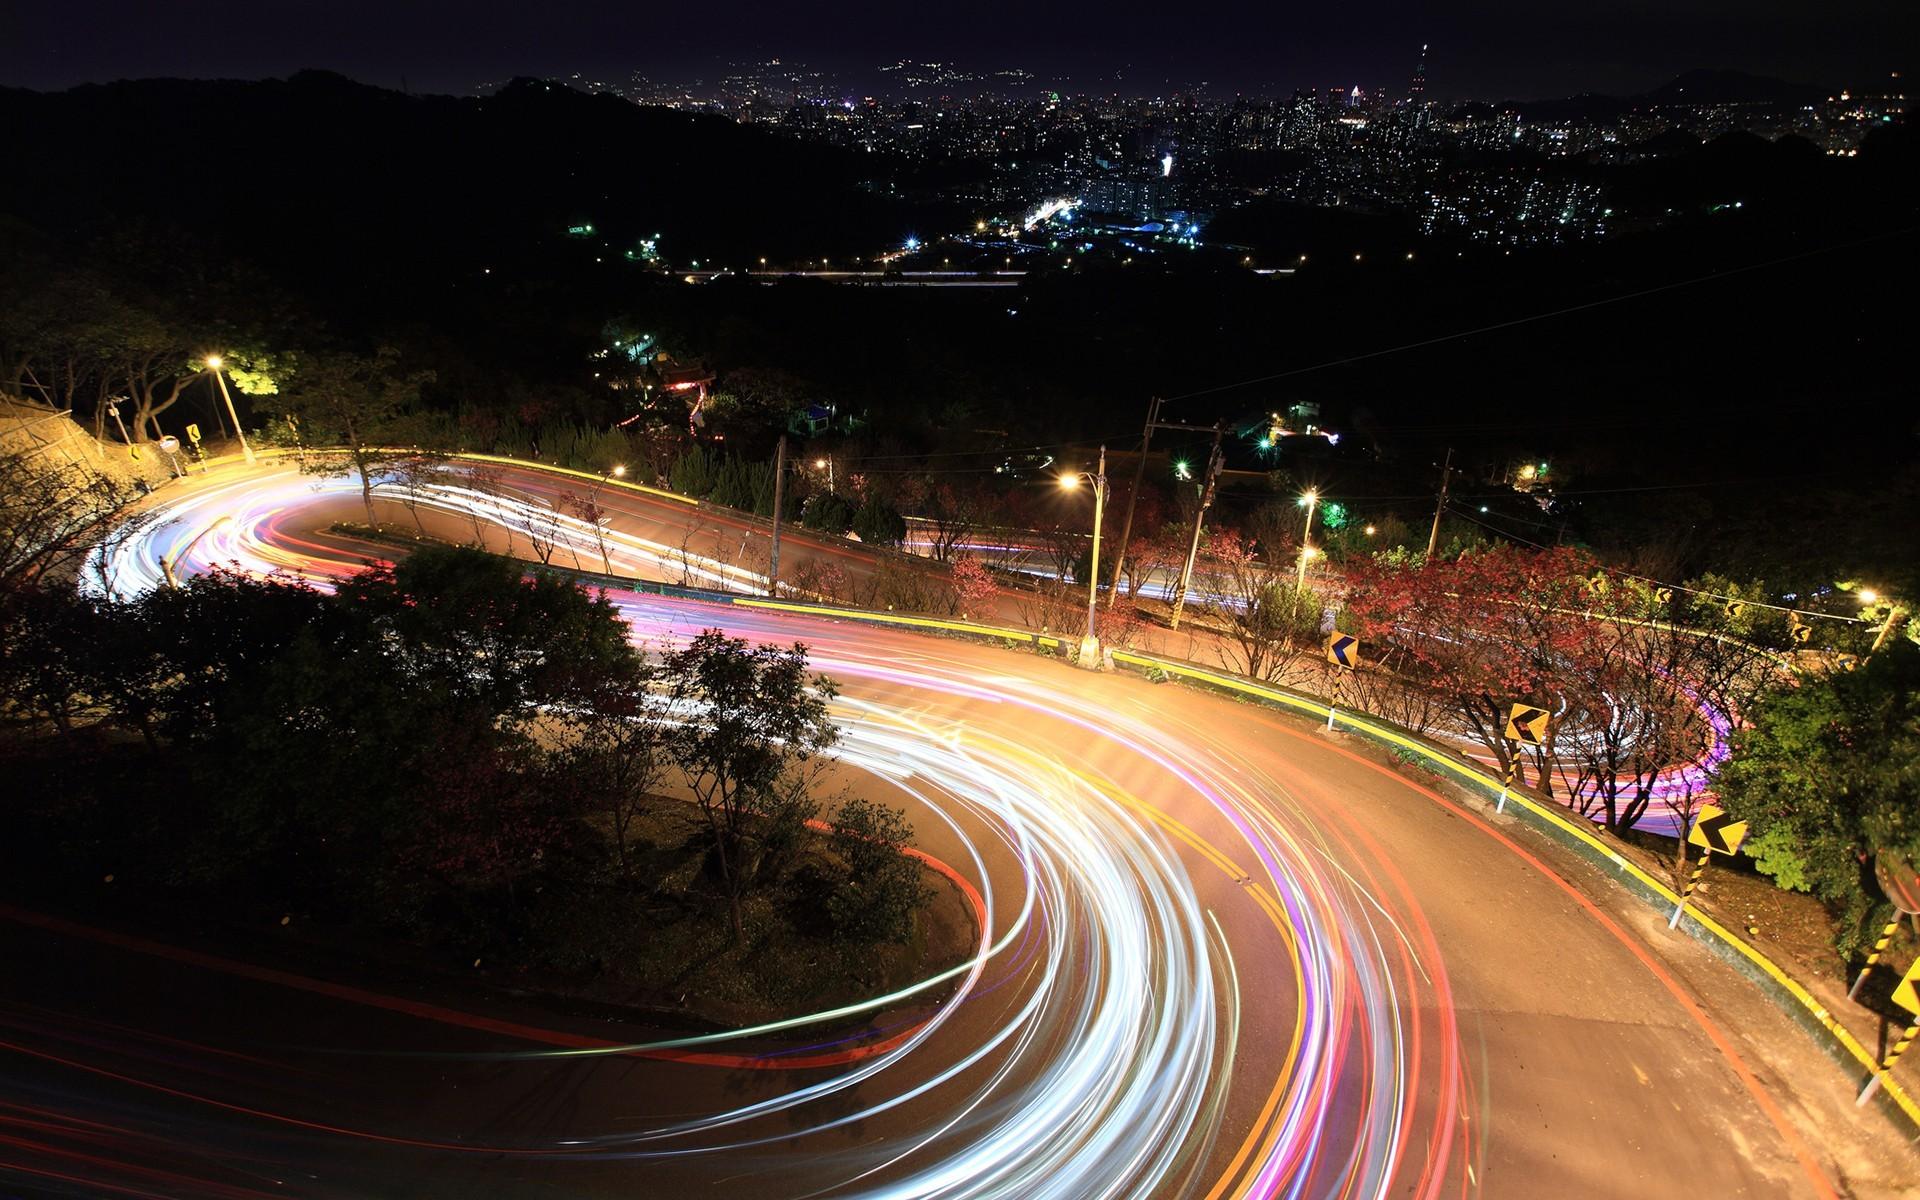 фото в движении длинная выдержка главное быстро сориентироваться